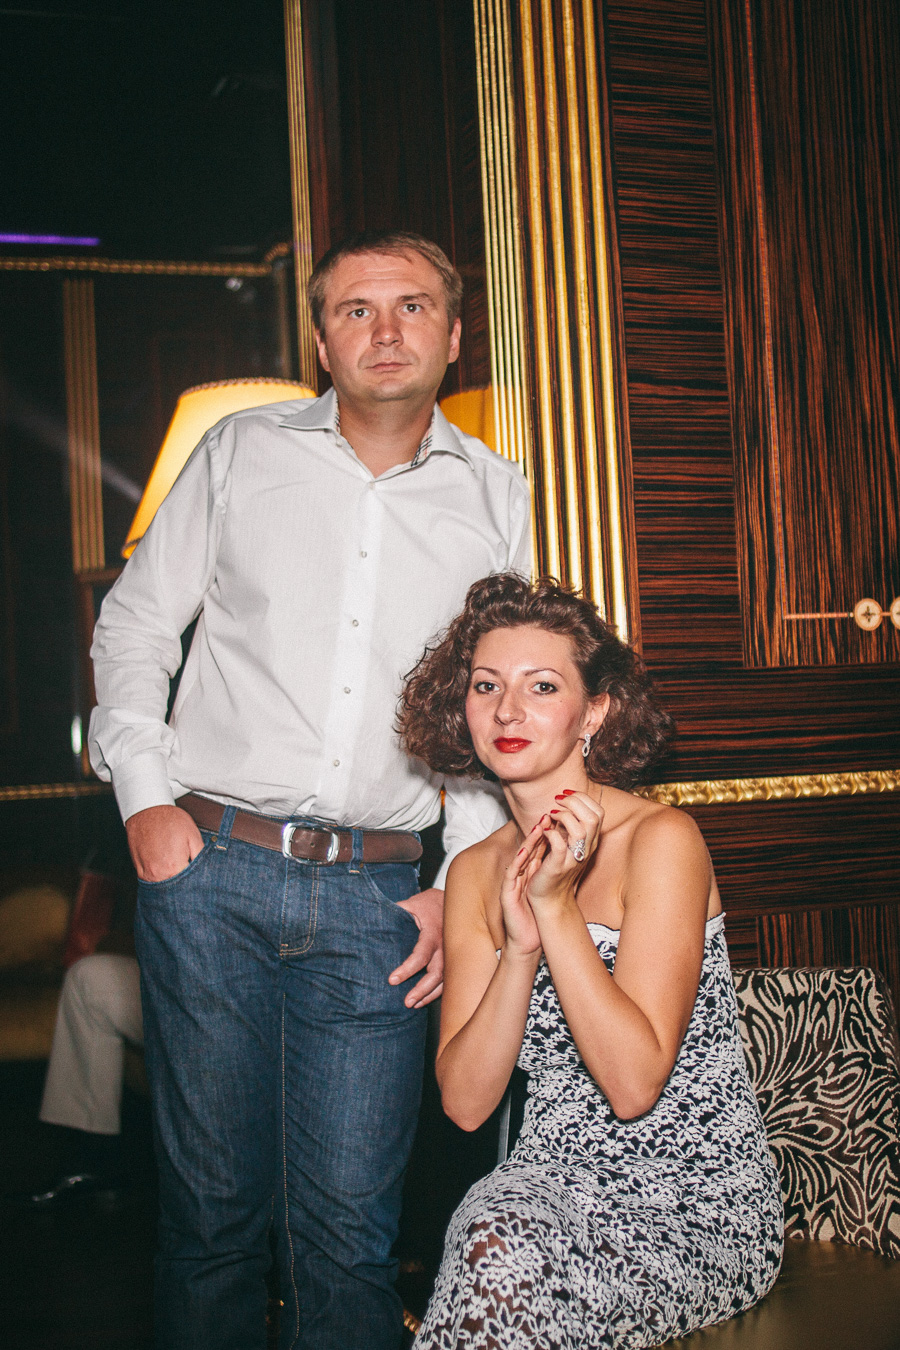 portfolio-prazdniki-vzrdr-20130601159